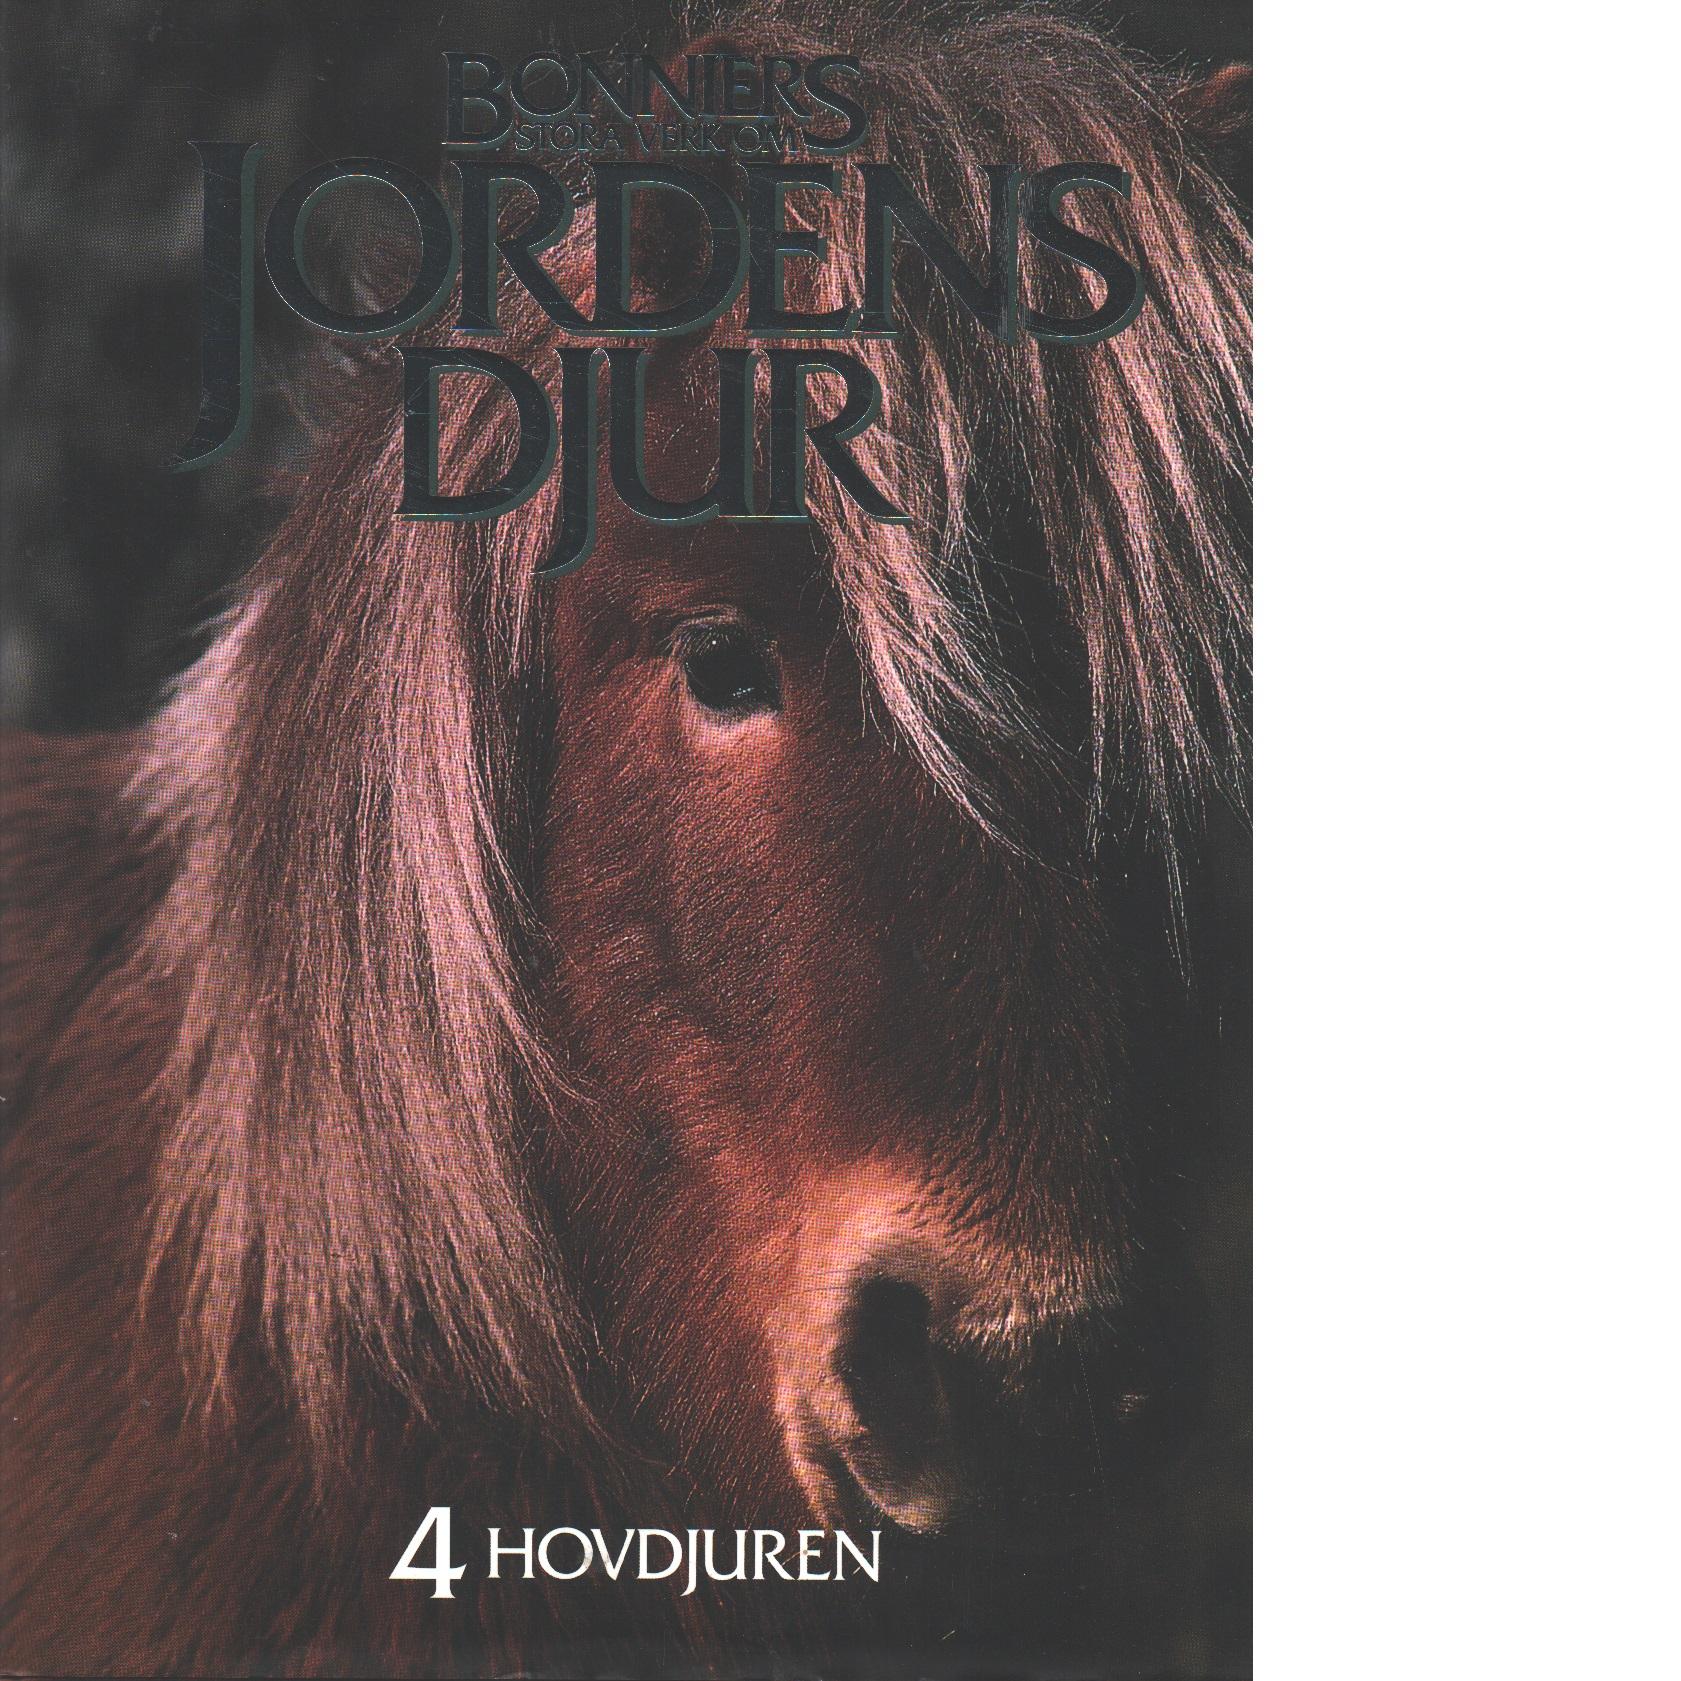 Bonniers stora verk om jordens djur 4, Hovdjuren - Red.